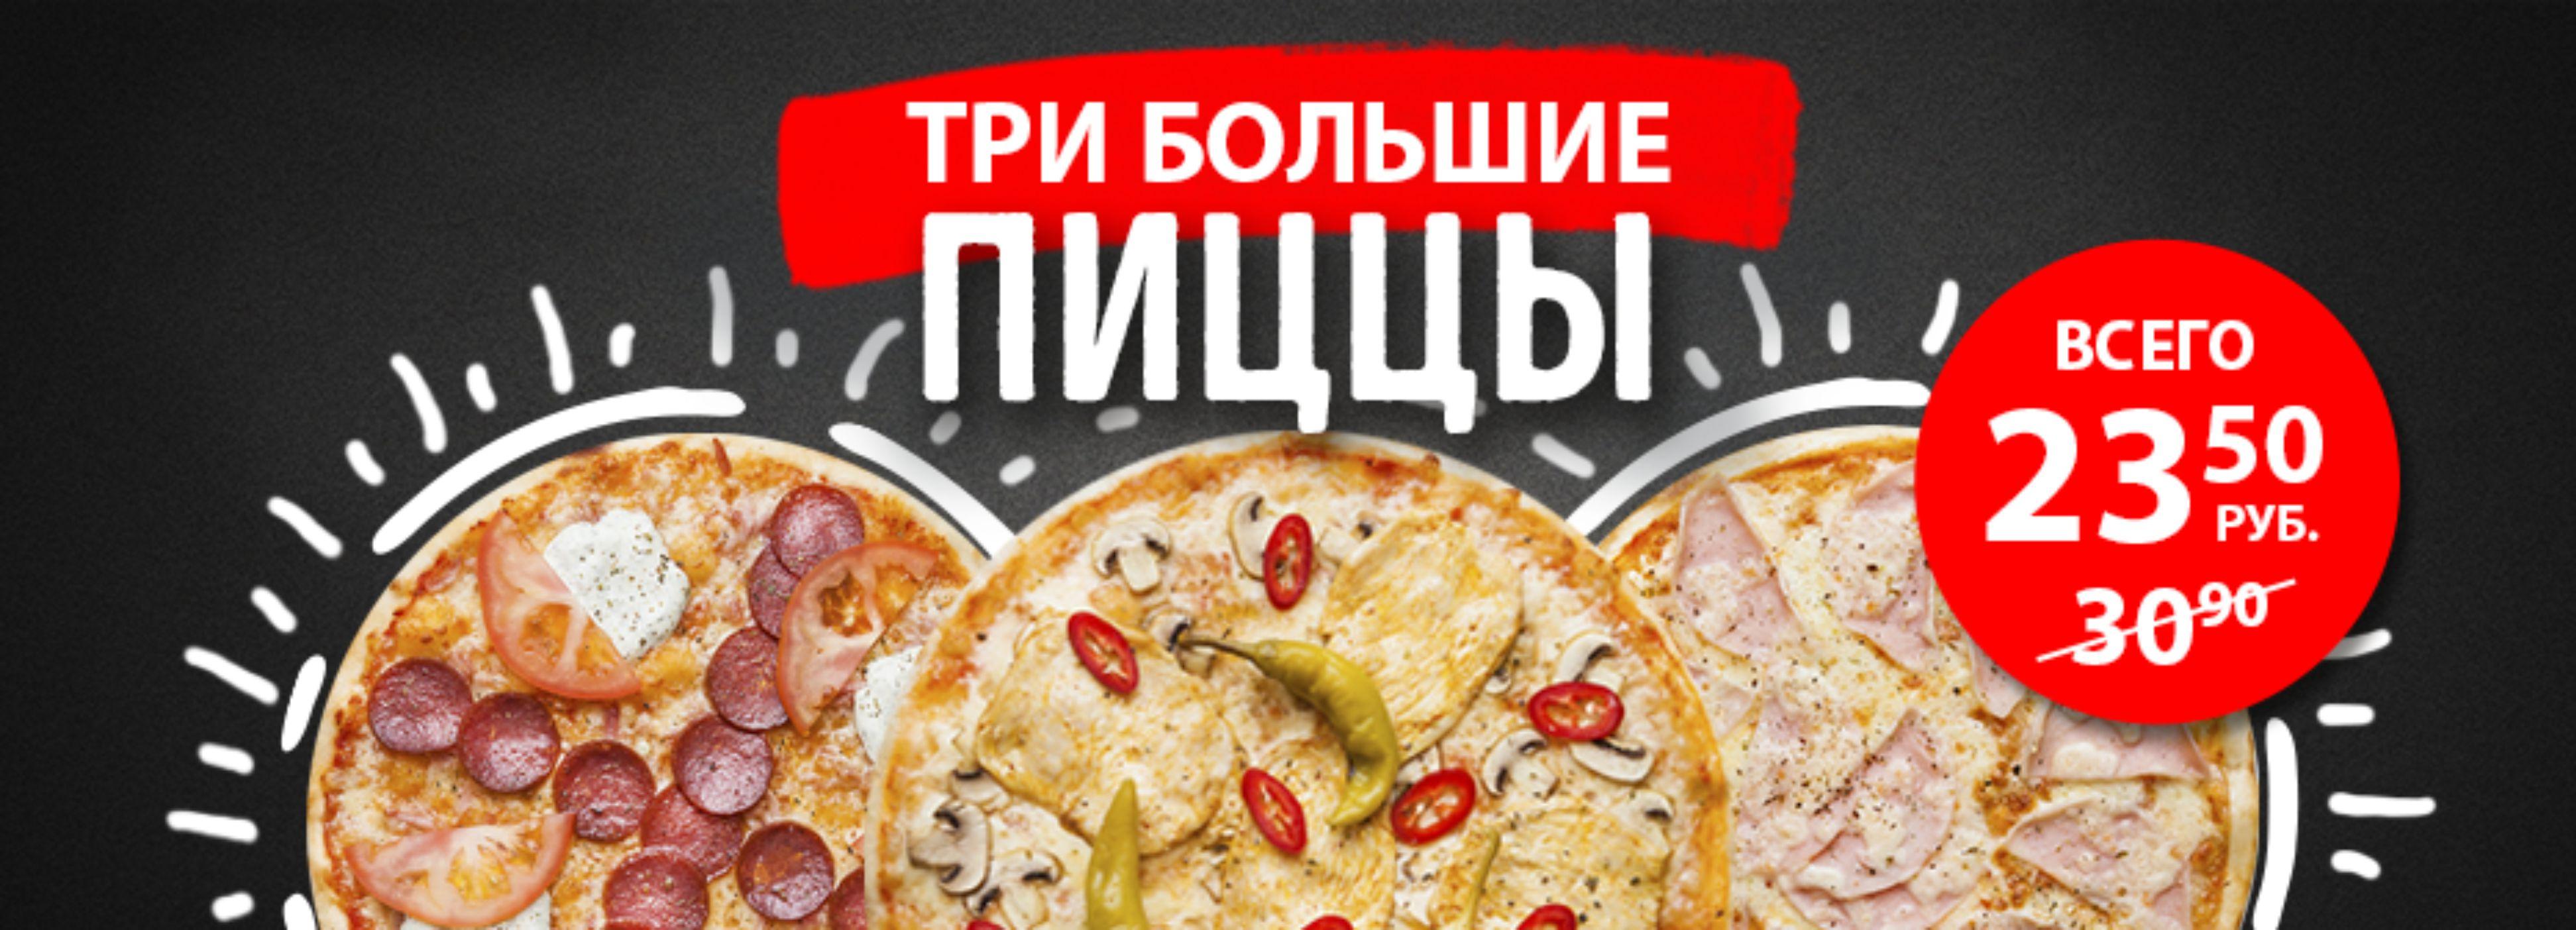 3 большие пиццы